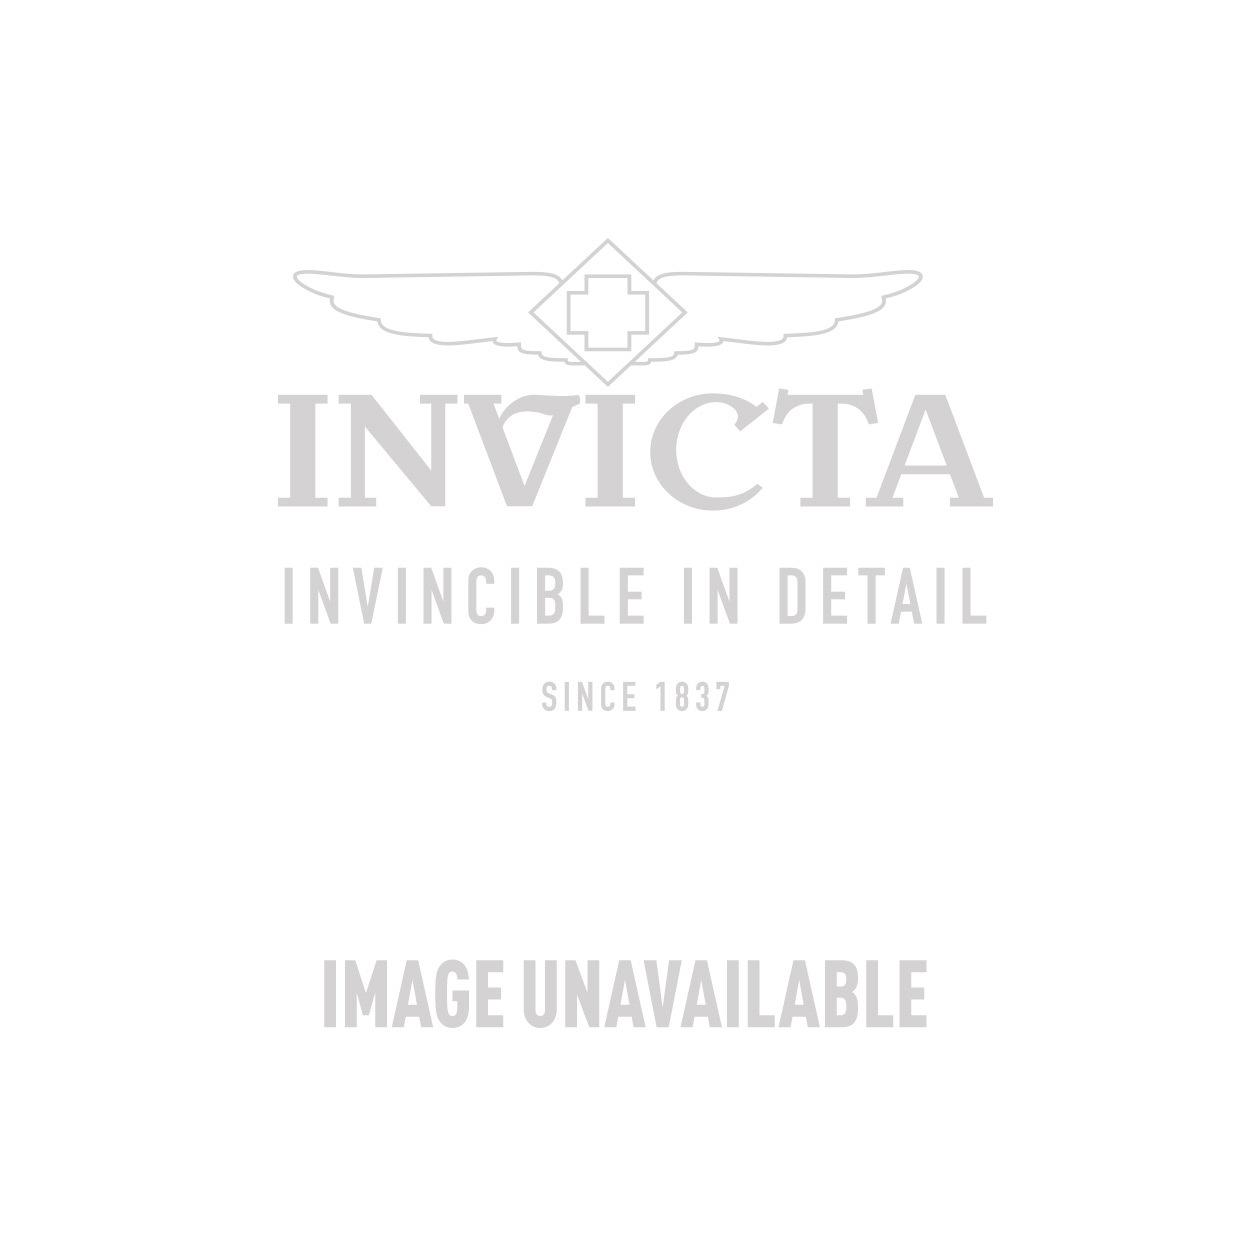 Invicta Model 22389